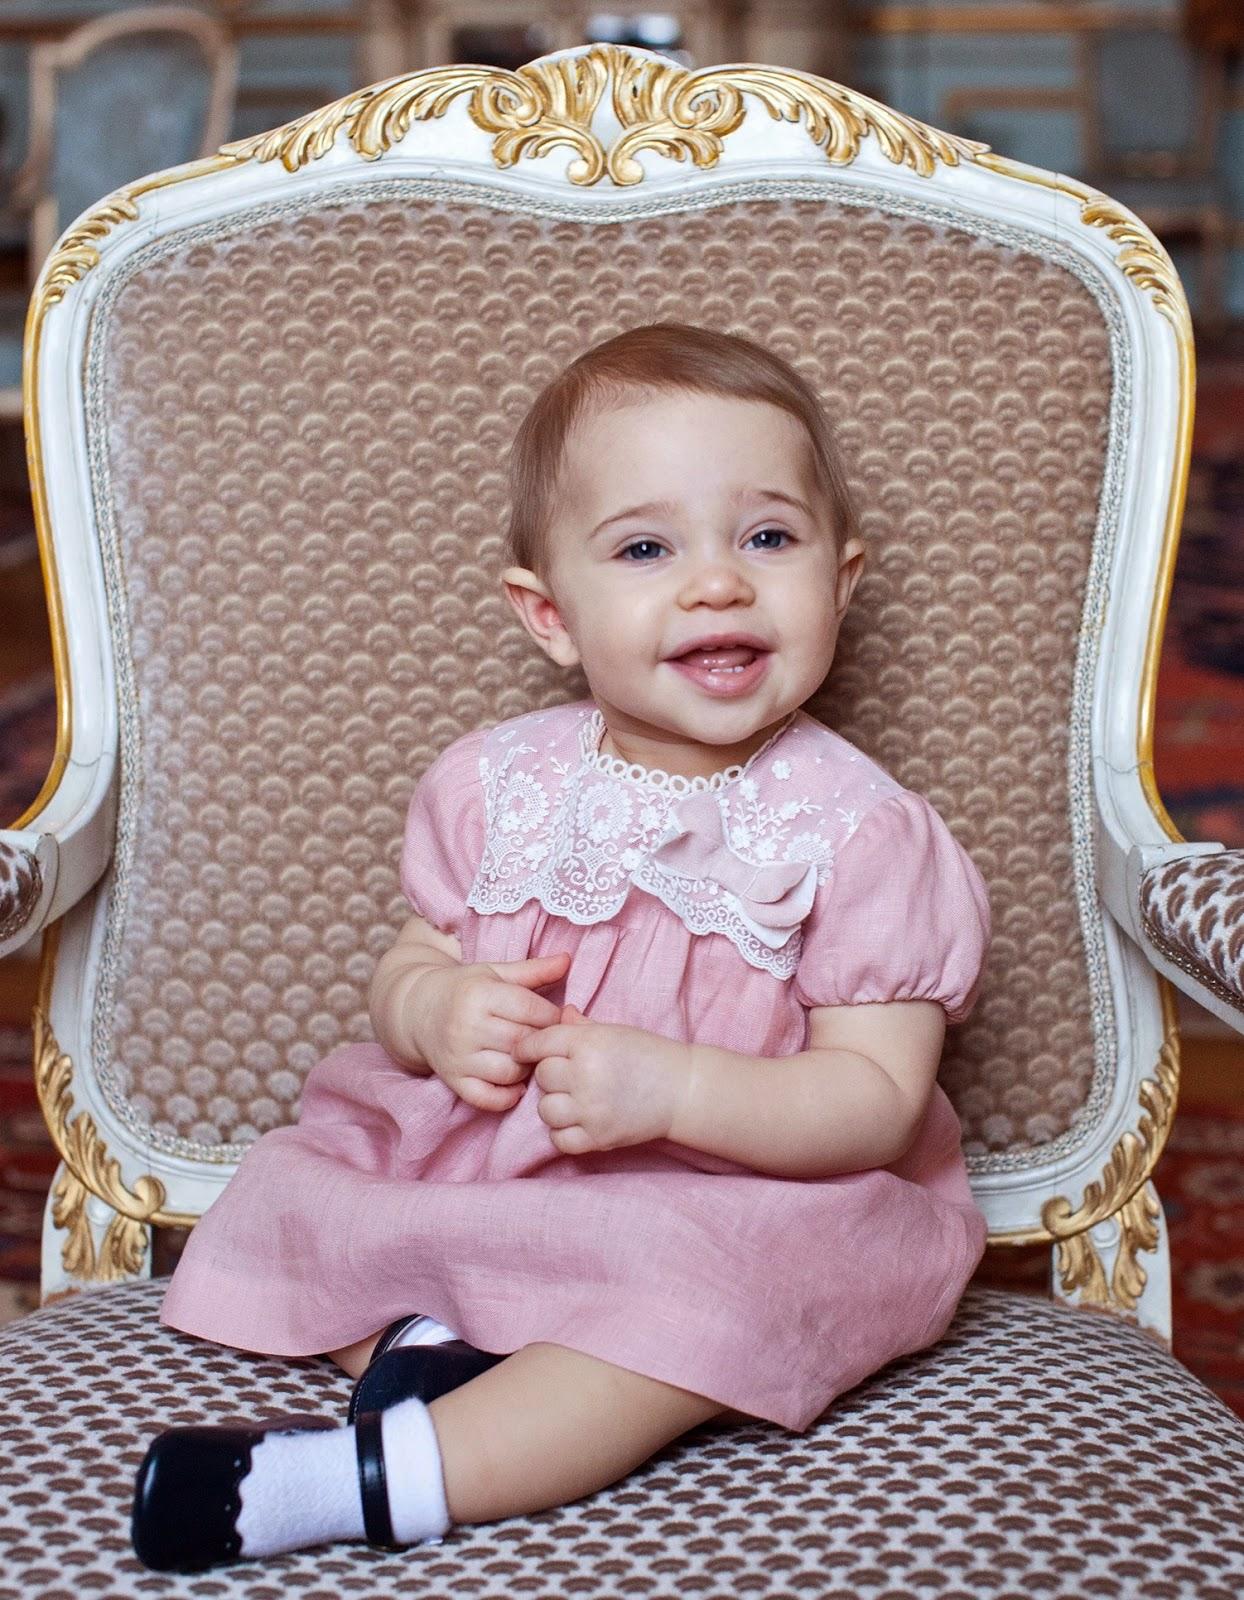 fyller 1 år Kungligheter: Prinsessan Leonore fyller 1 år idag fyller 1 år